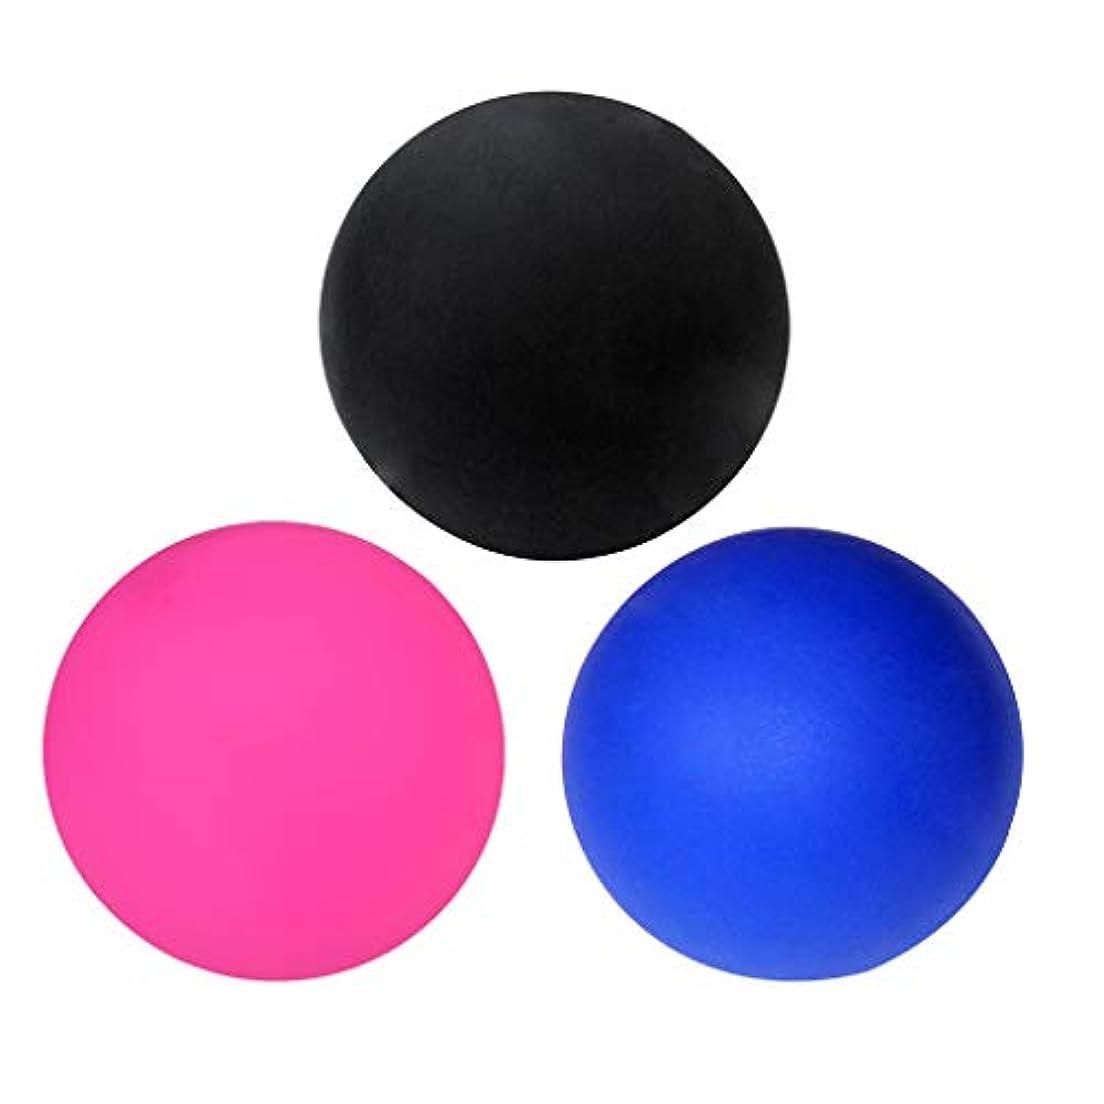 P Prettyia マッサージボール ラクロスボール トリガーポイント ヨガ エクササイズボール 健康グッズ 3個入